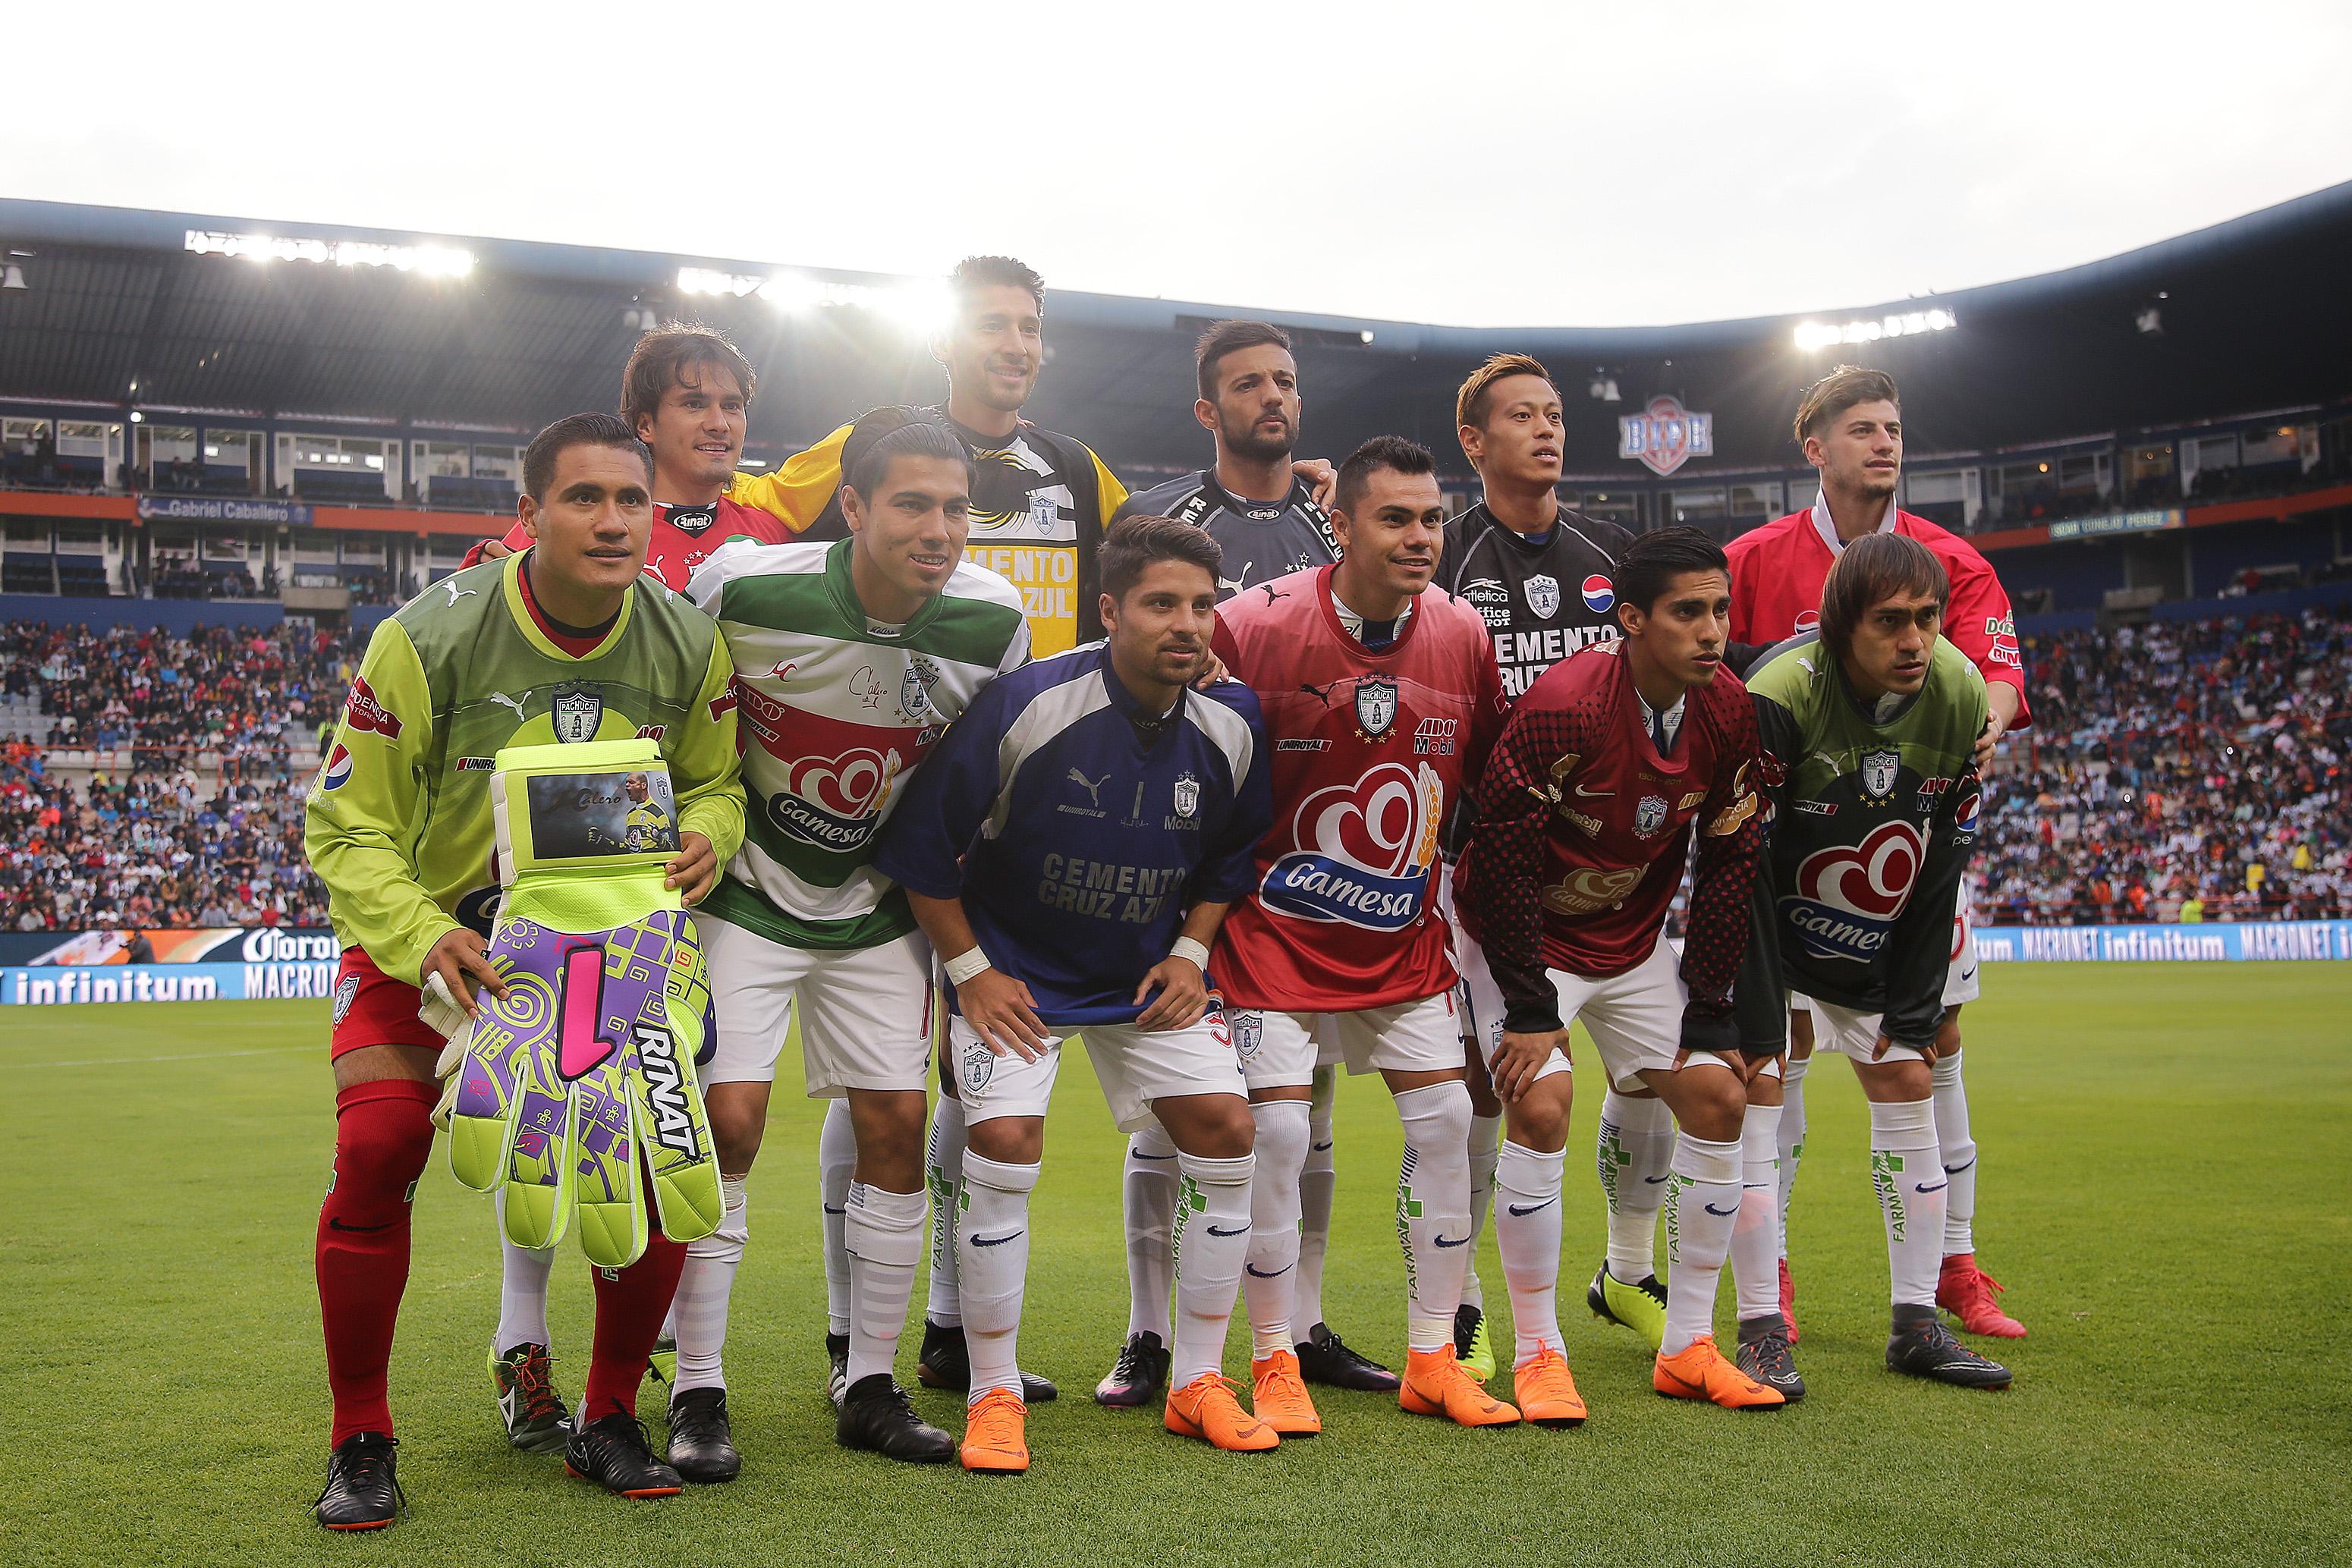 Miguel Calero, Futbolistas, Pachuca, Playeras, Cumpleaños, Homenaje, Condor, Tuzos, Santos, Portero